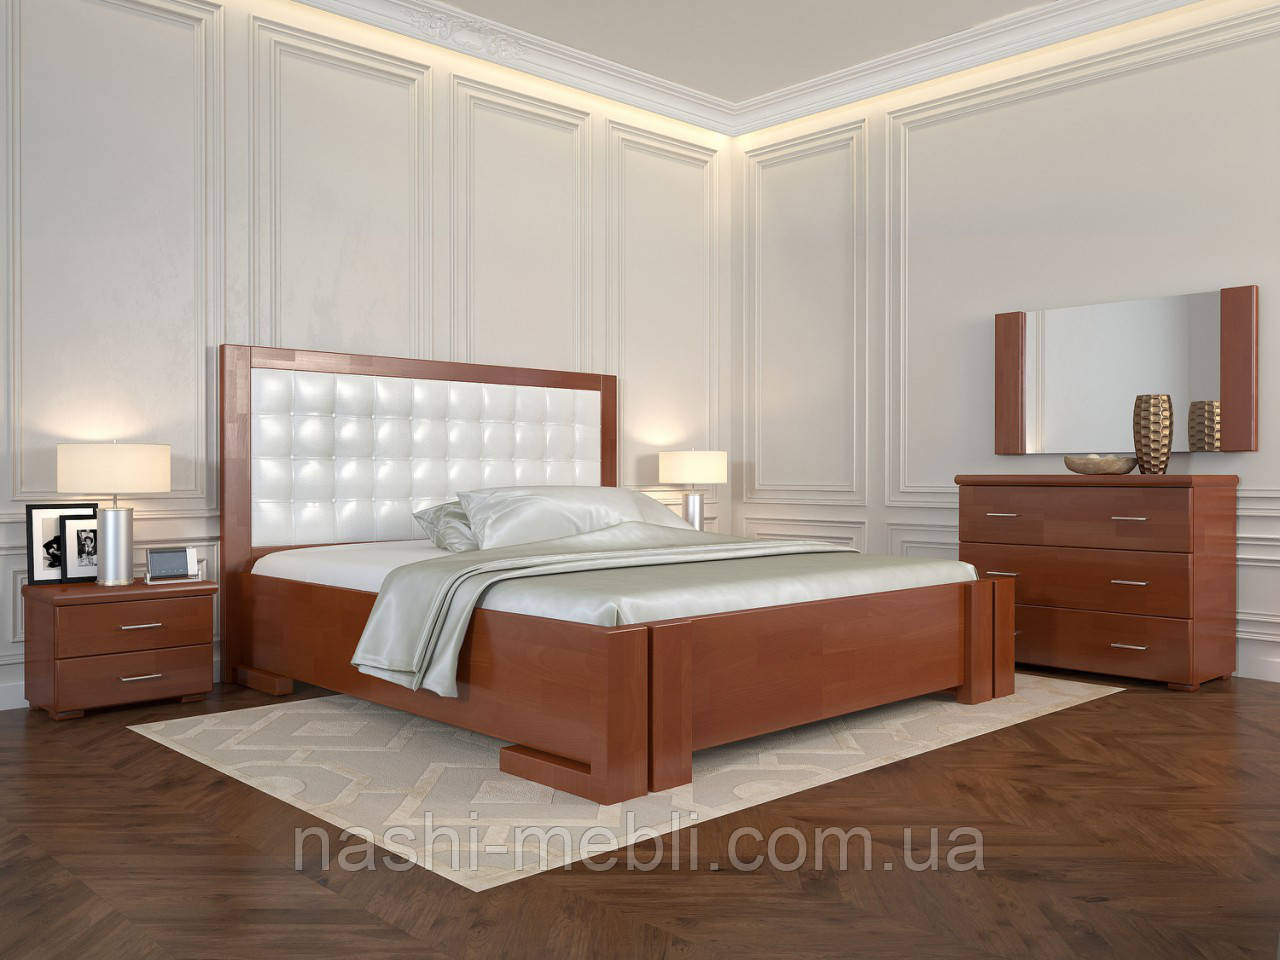 Двоспальне ліжко Амбер